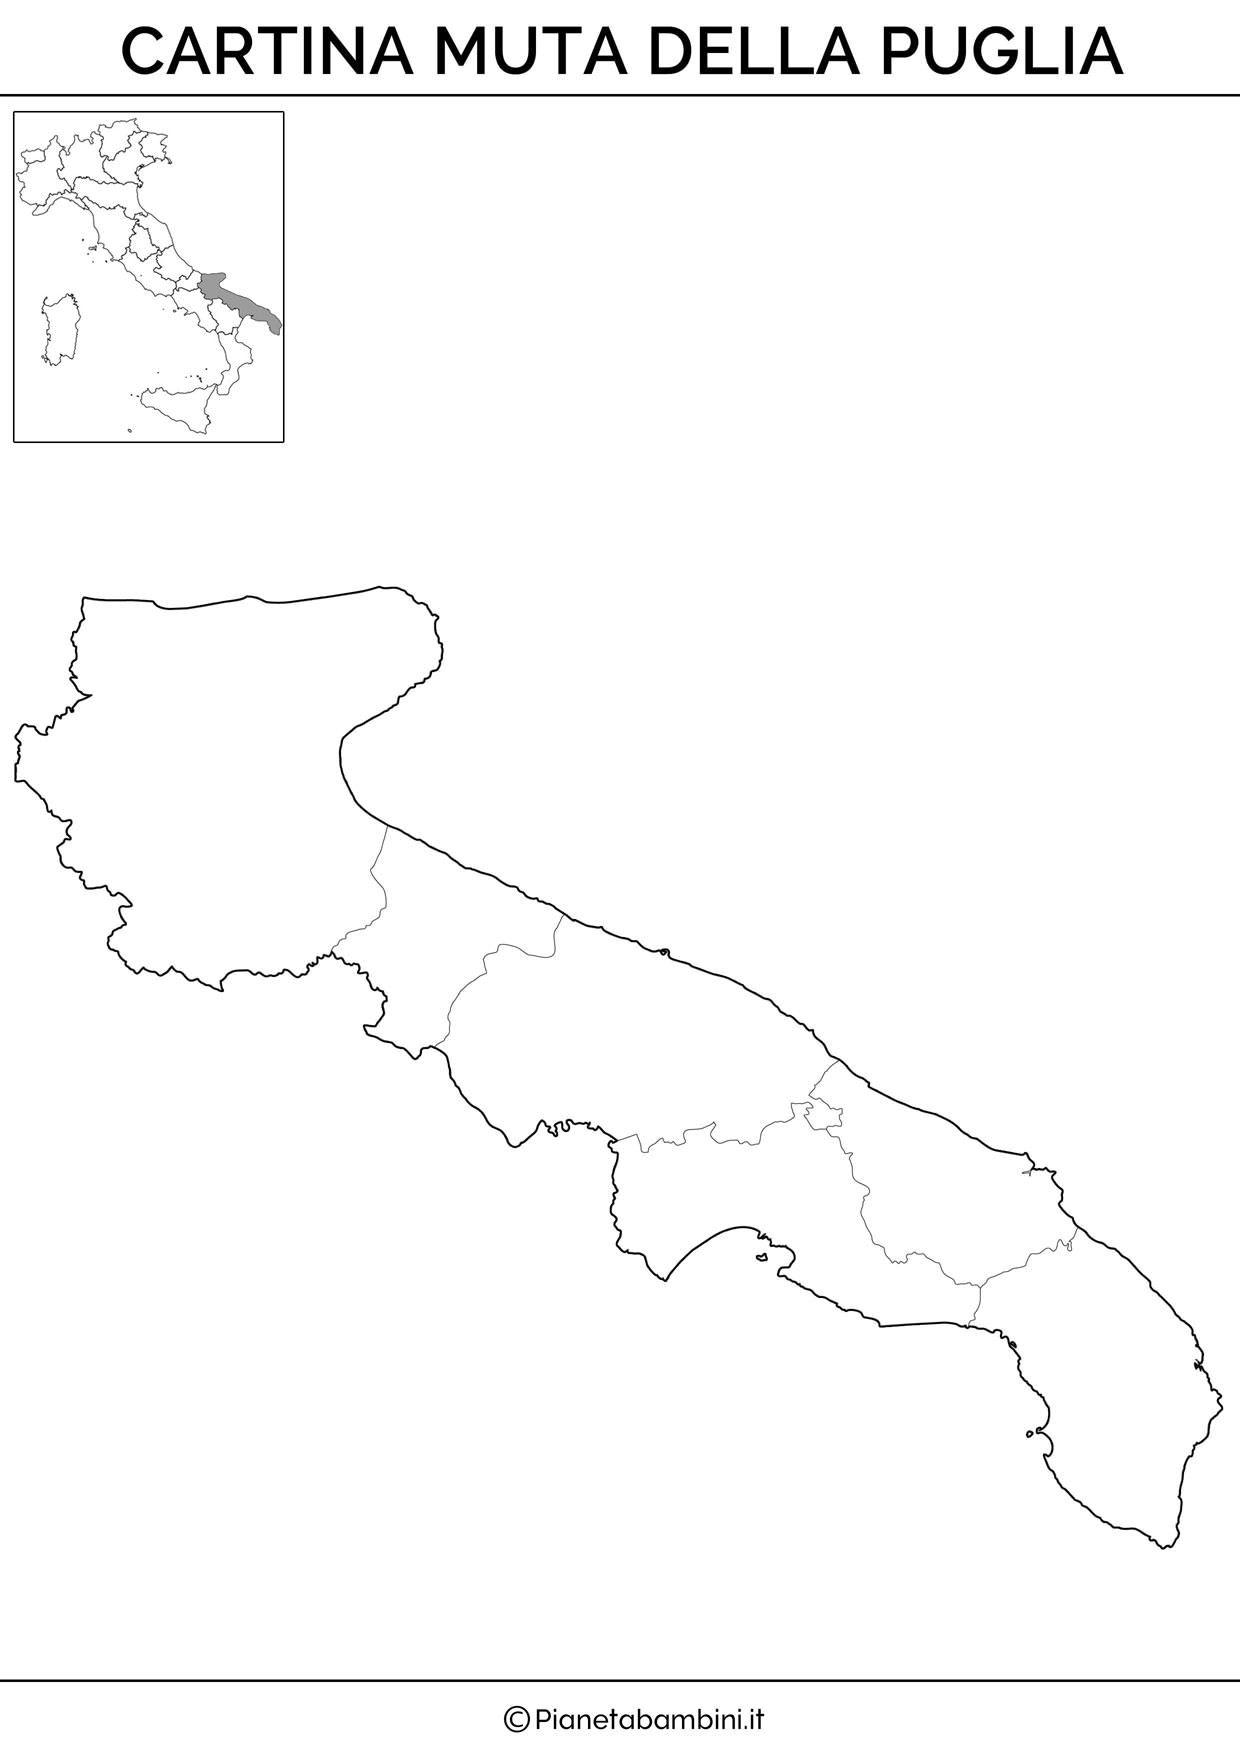 Cartina Muta Delle Marche Da Stampare.Cartina Muta Fisica E Politica Della Puglia Da Stampare Lezioni